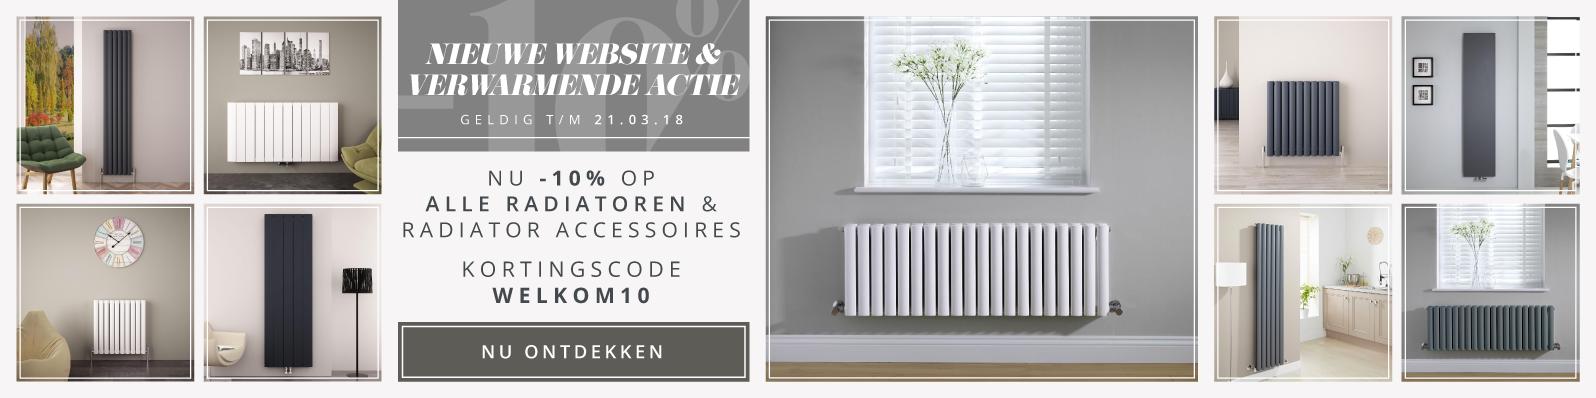 NU -10% op alle radiatoren & radiator accessoires - Kortingscode WELKOM10